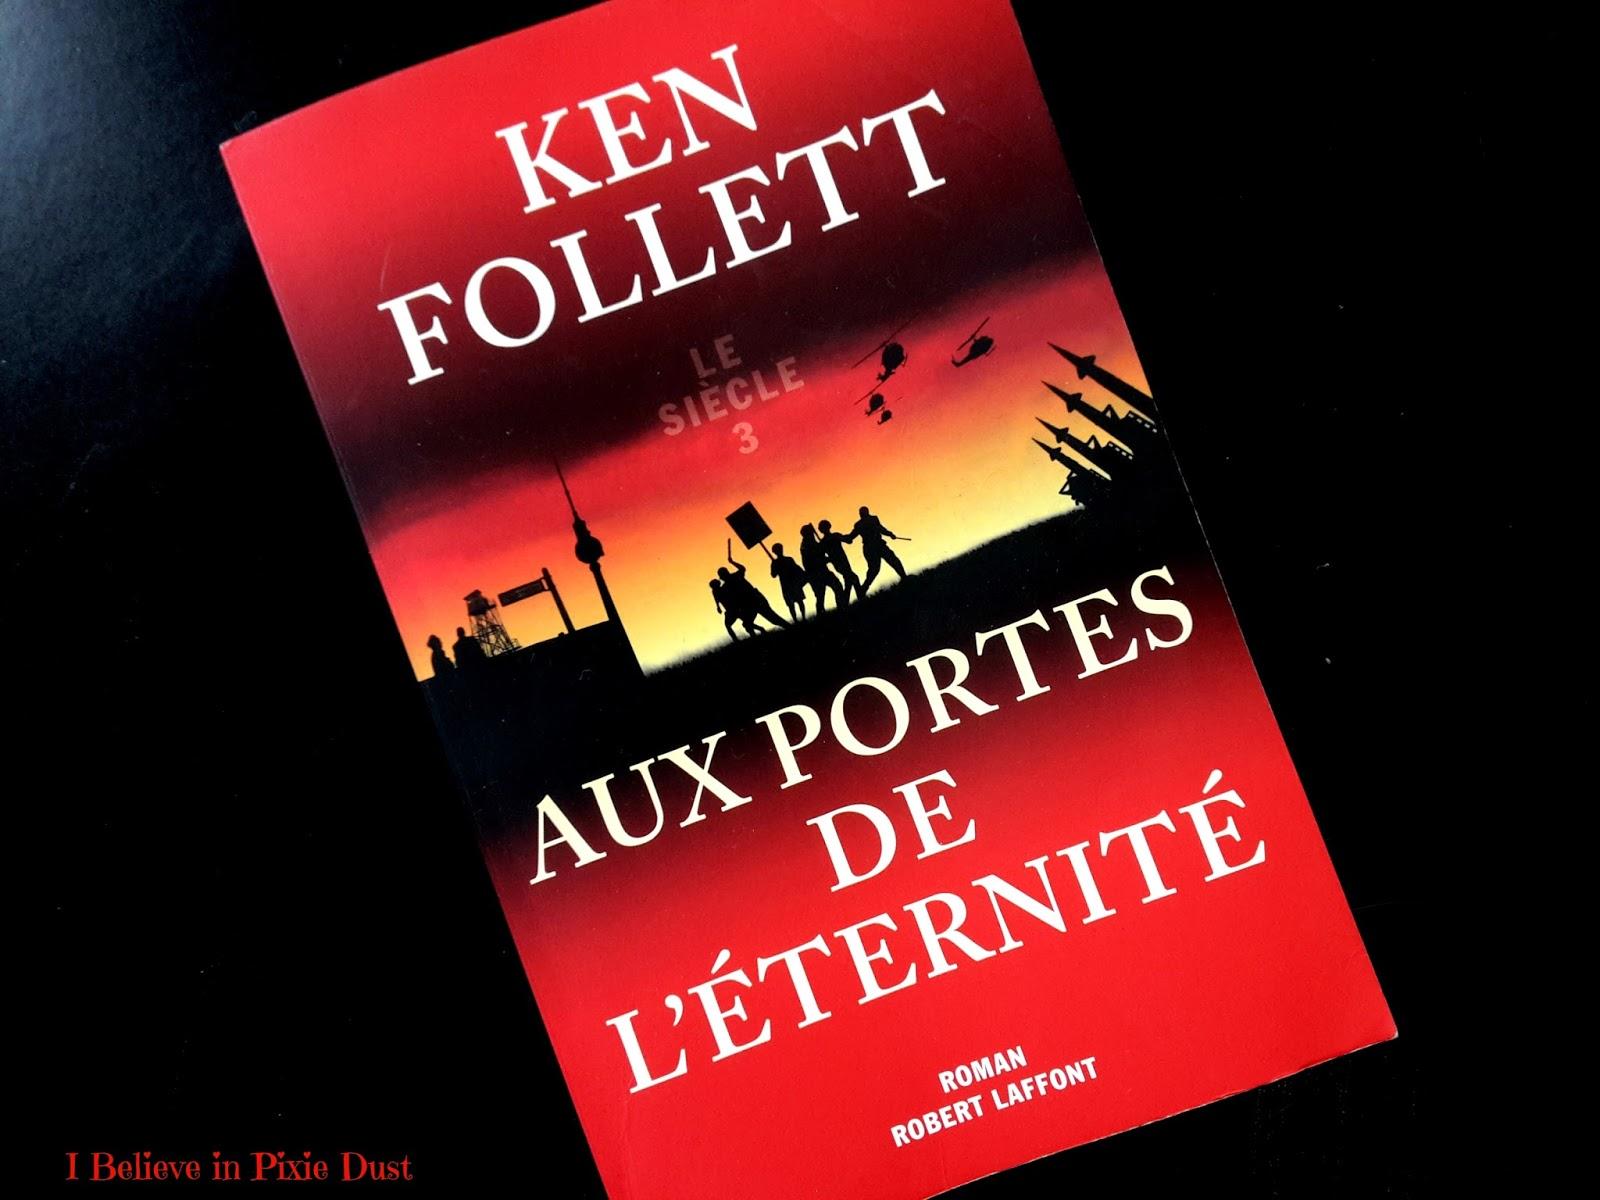 I believe in pixie dust le si cle 3 aux portes de l - Aux portes de l eternite ...